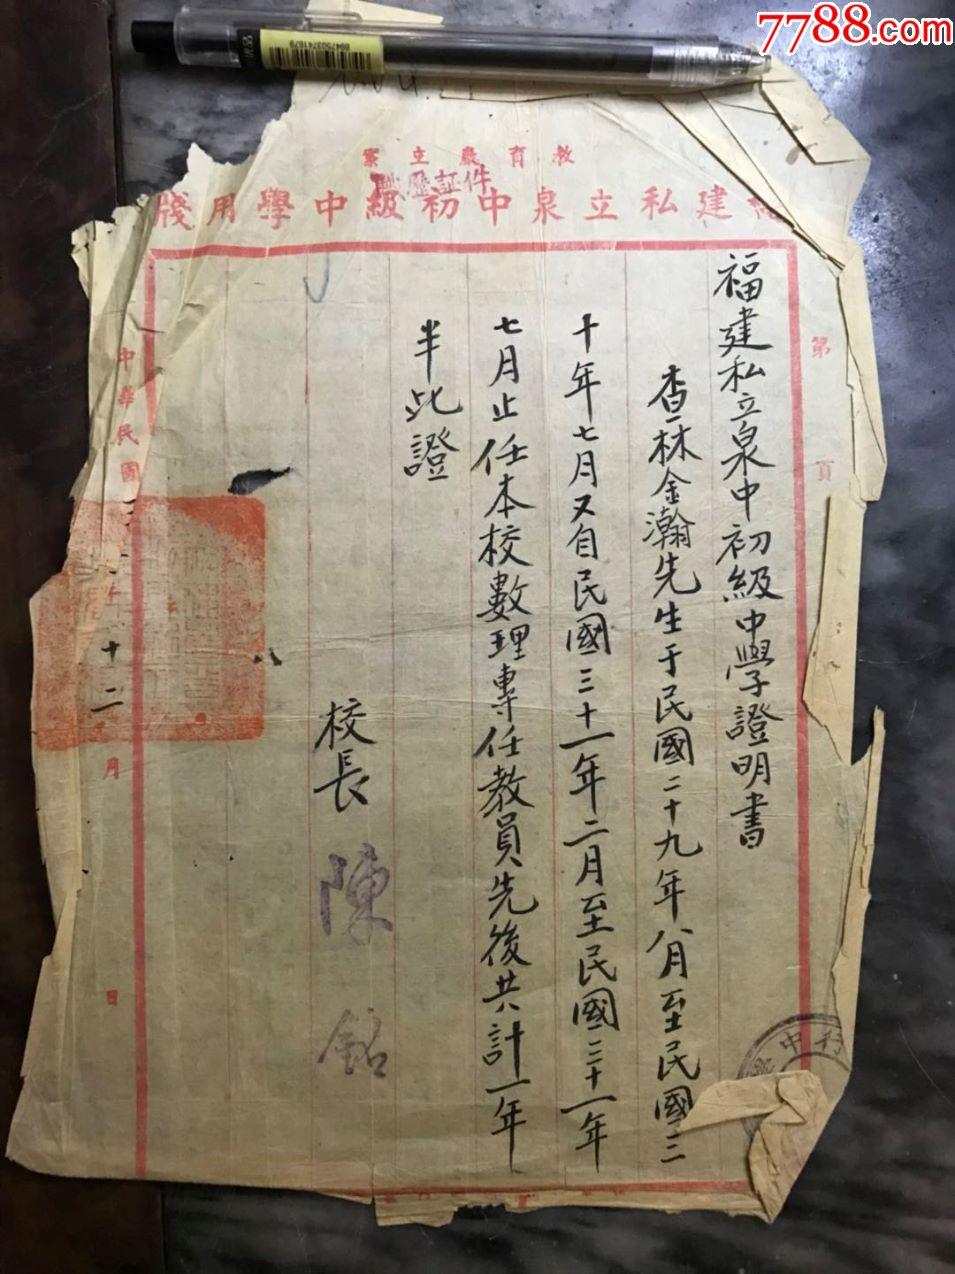 民国一中学的8张个人,福建私立正谊证书,上海私立泉中细心变得初中生怎么图片